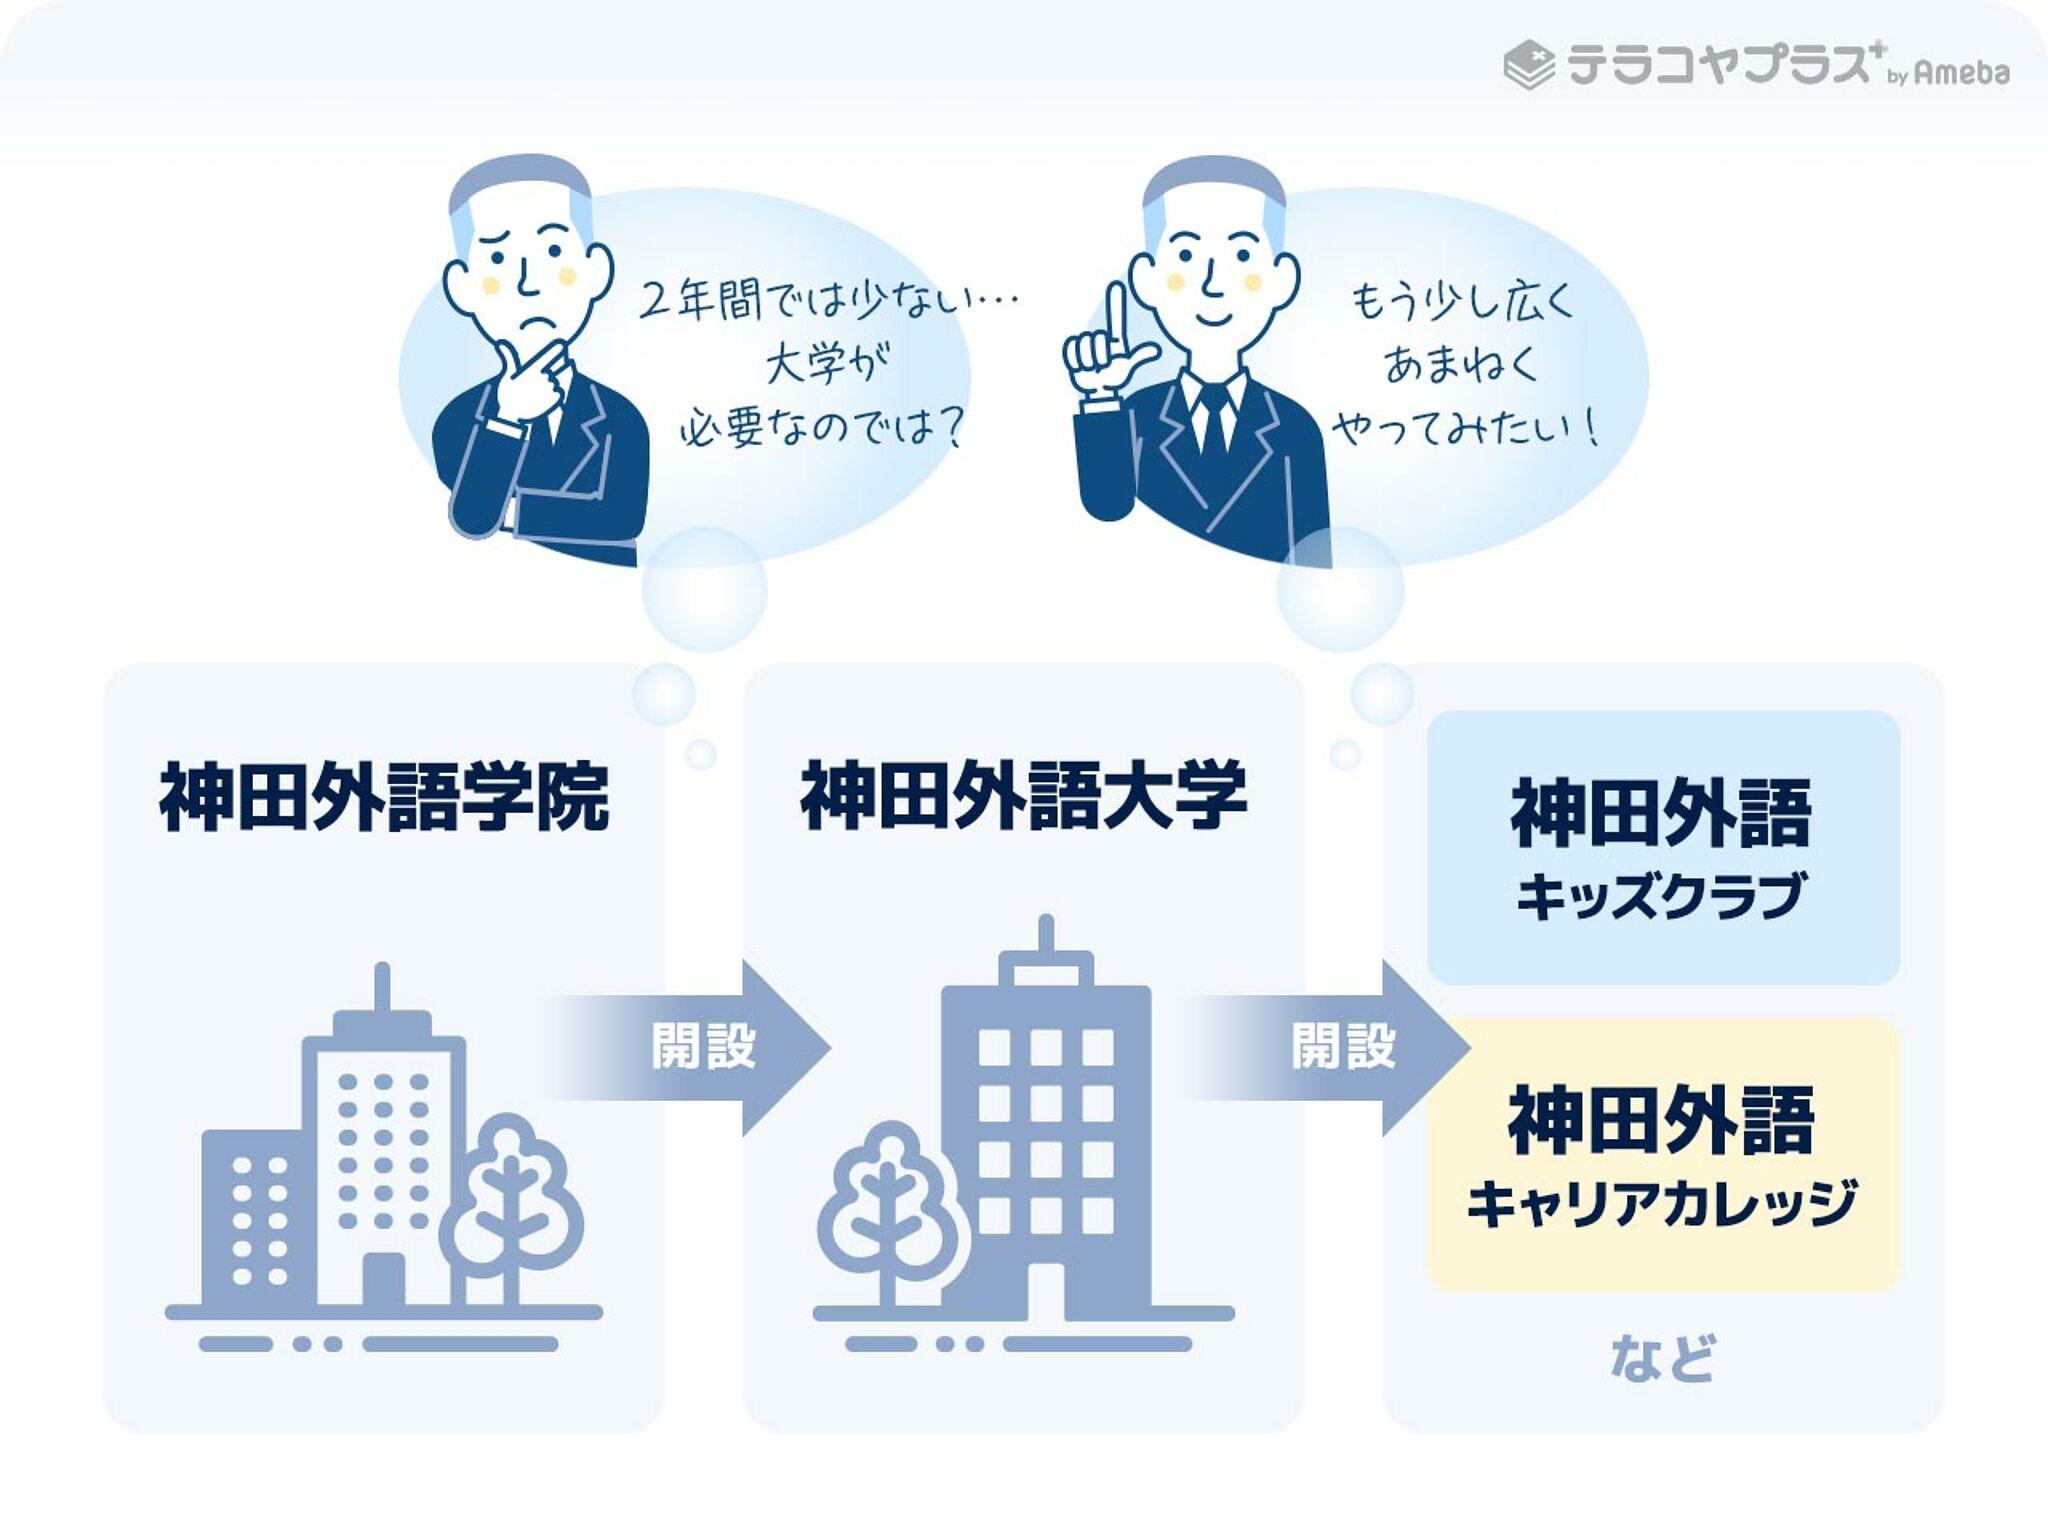 神田外語グループ_解説に至るまでのイラスト画像